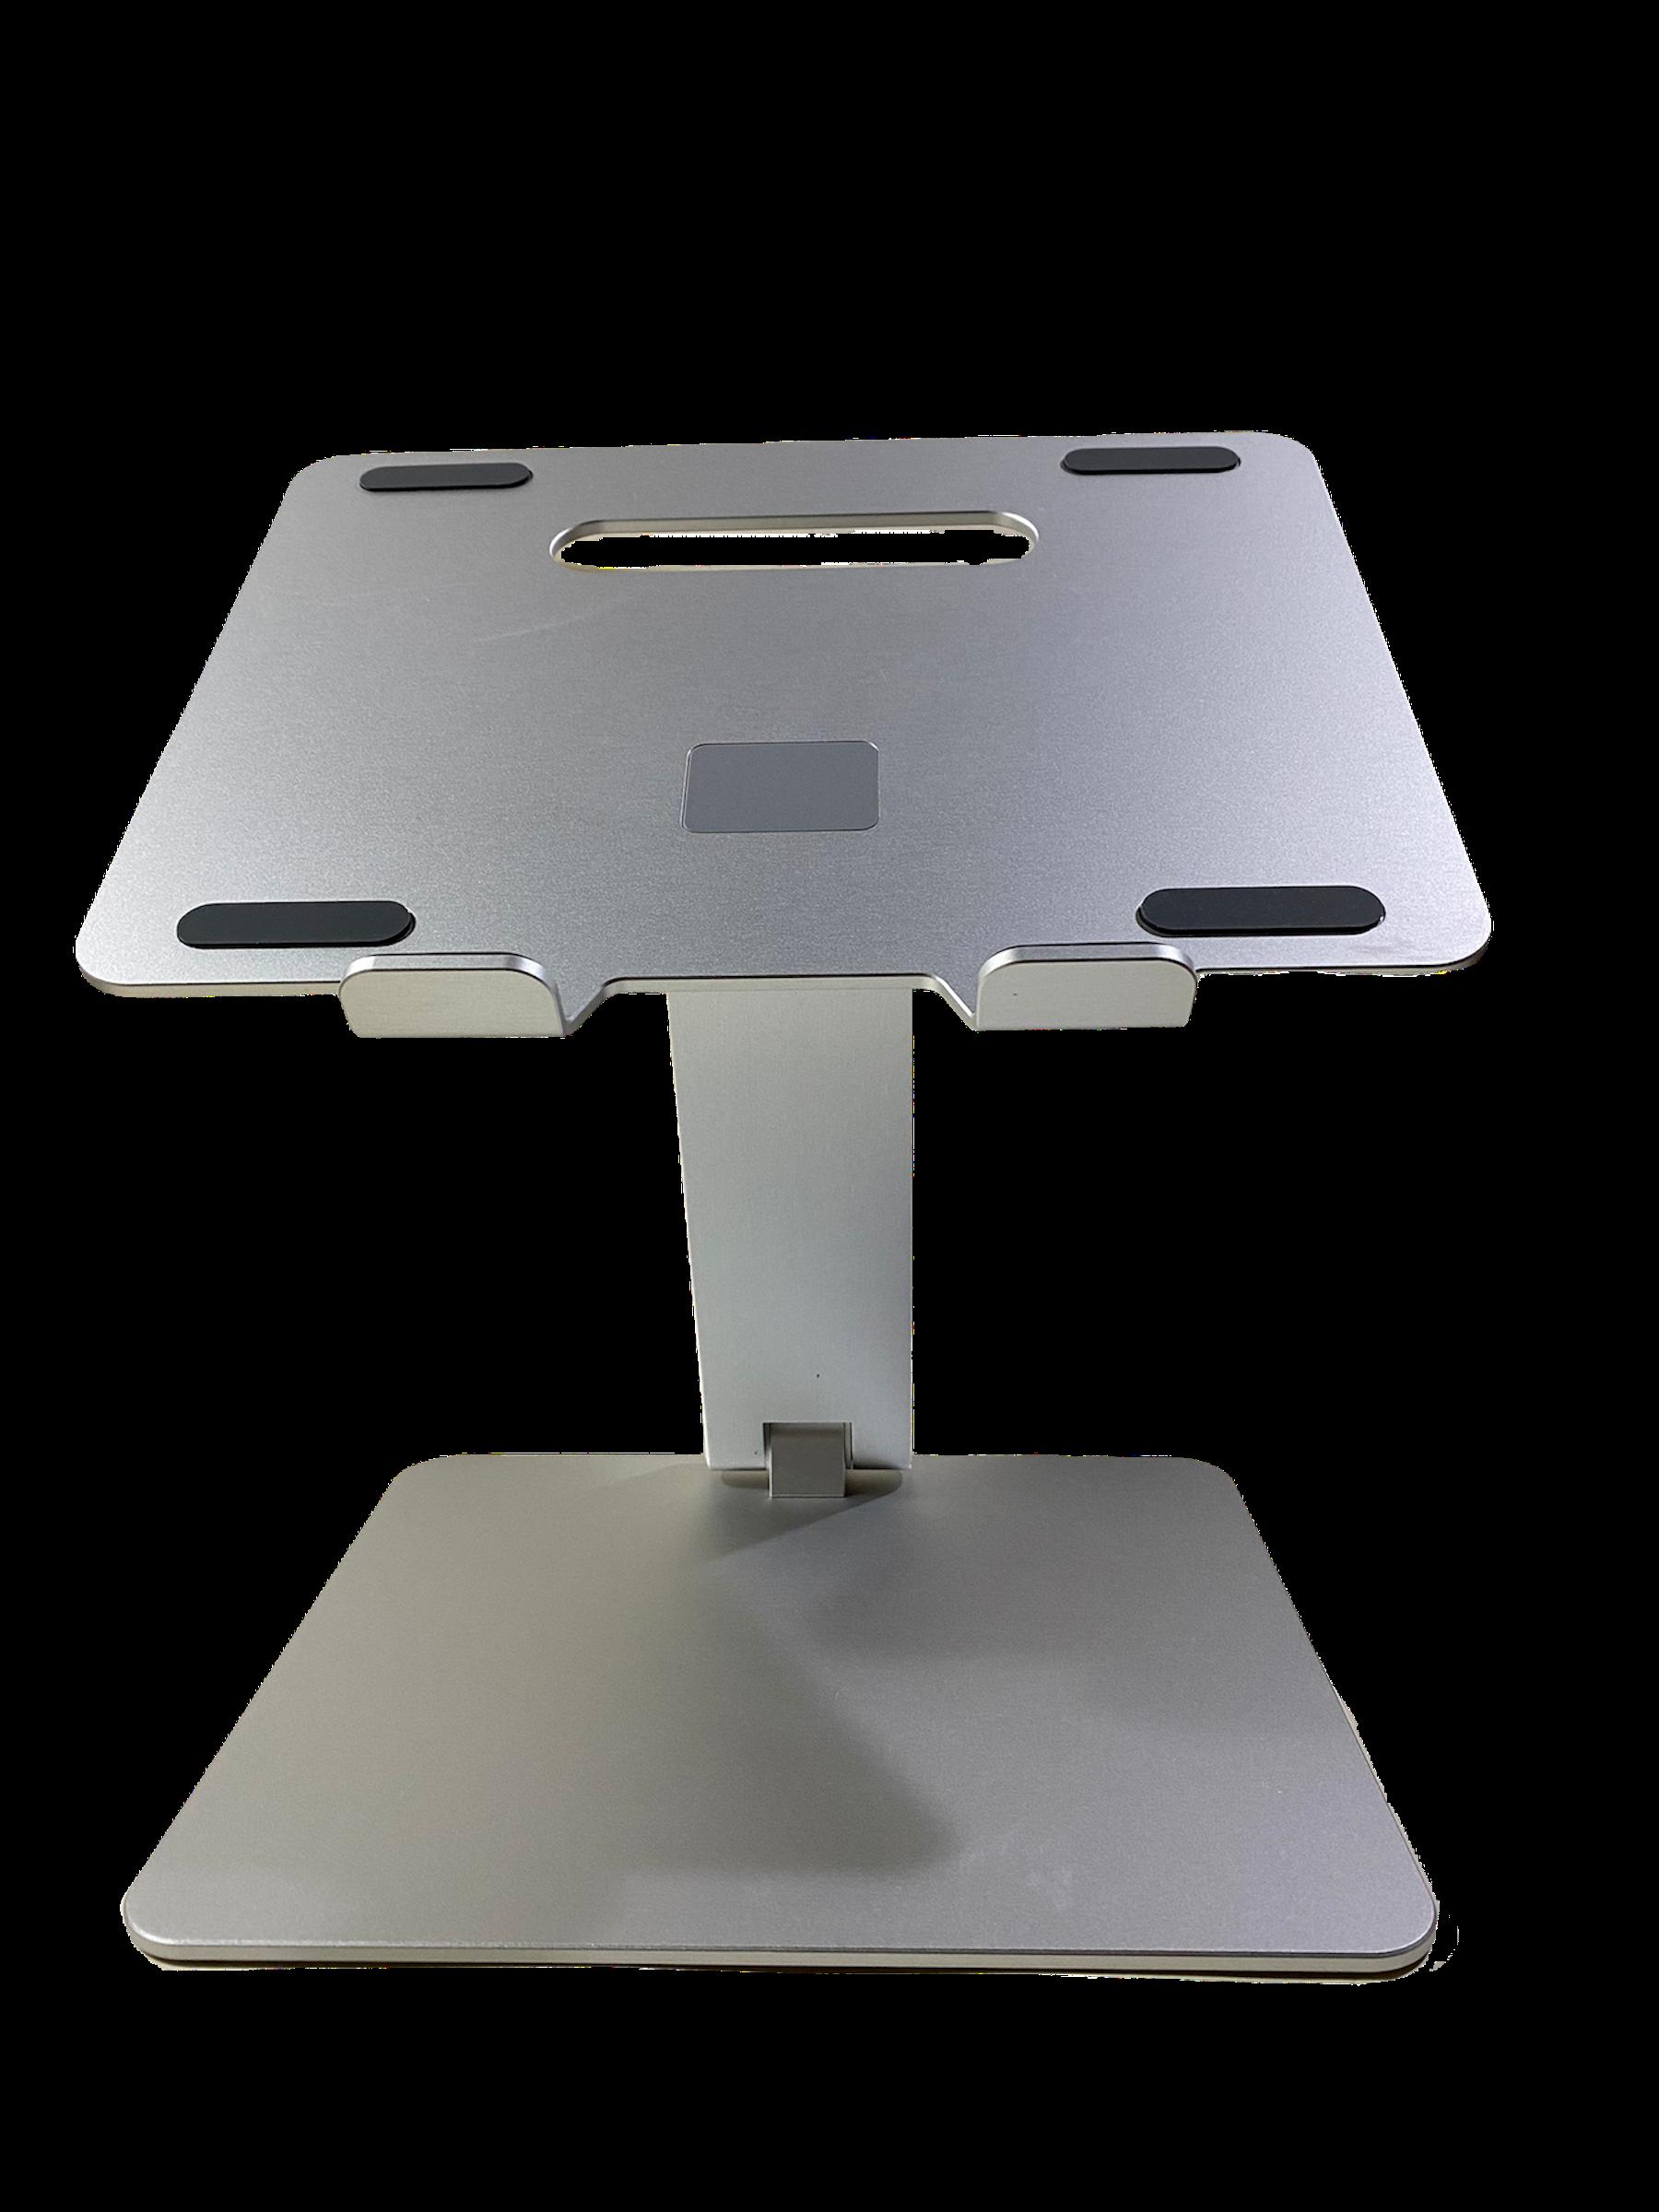 [리뷰] 거북목 걱정없이 노트북 사용하자...애니클리어, 노트북 스탠드 AP-8